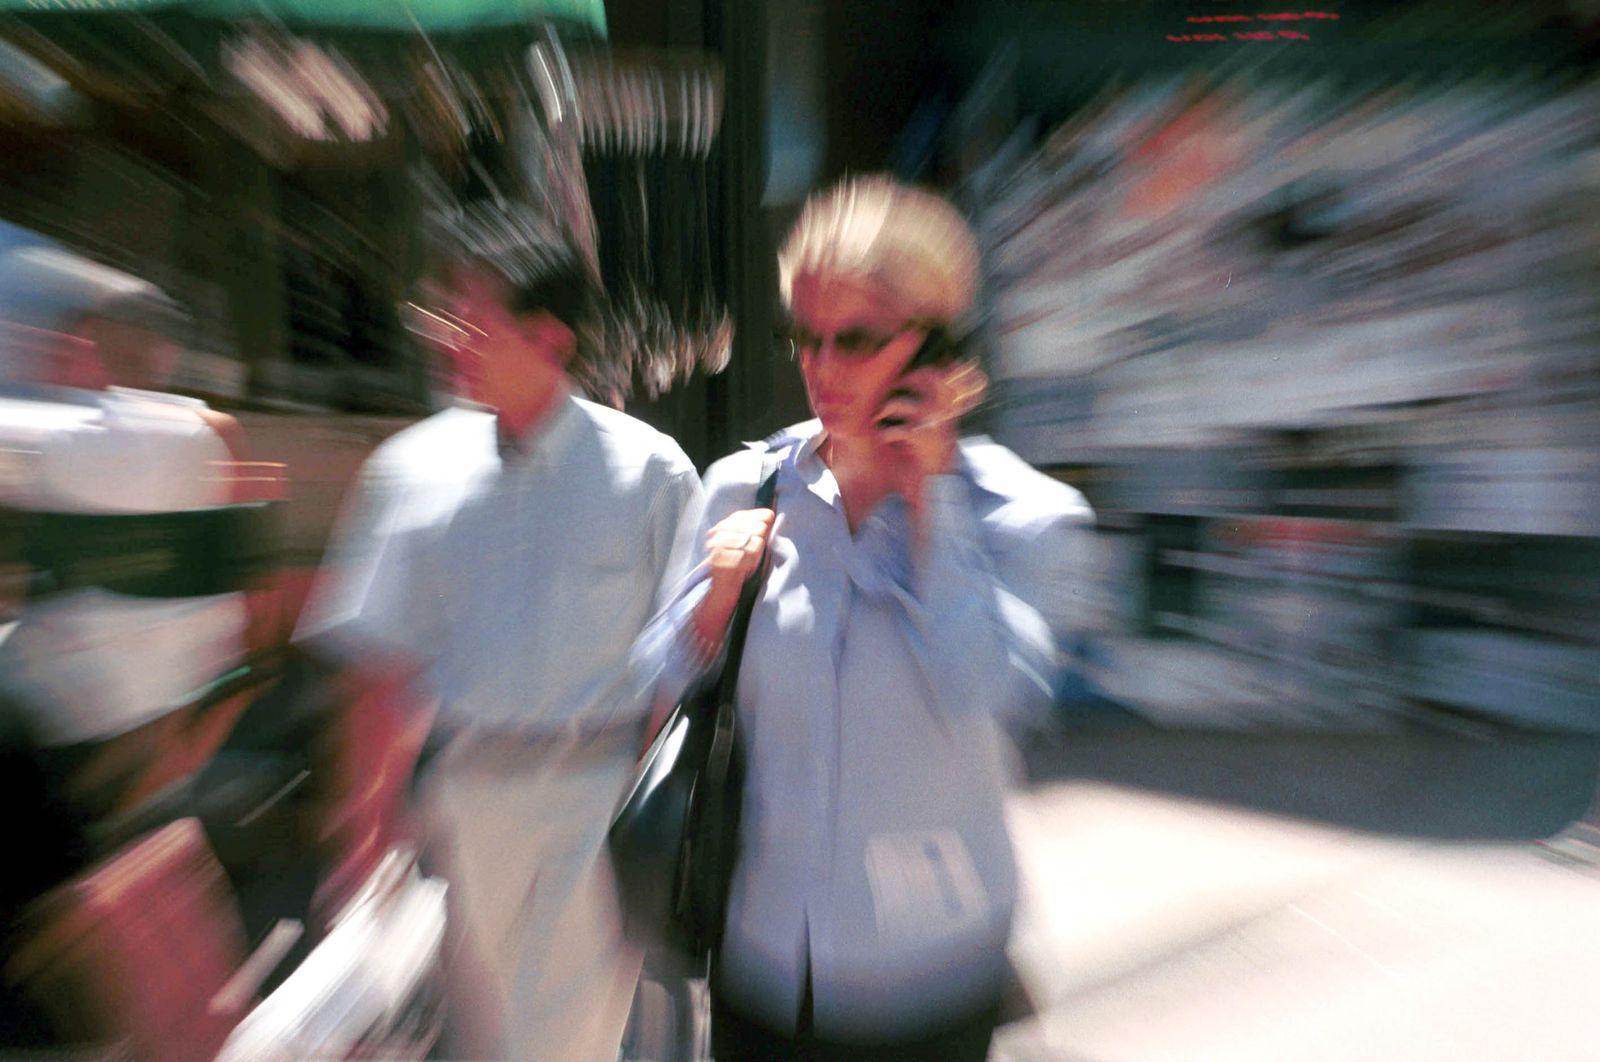 Handystrahlung / Telefon